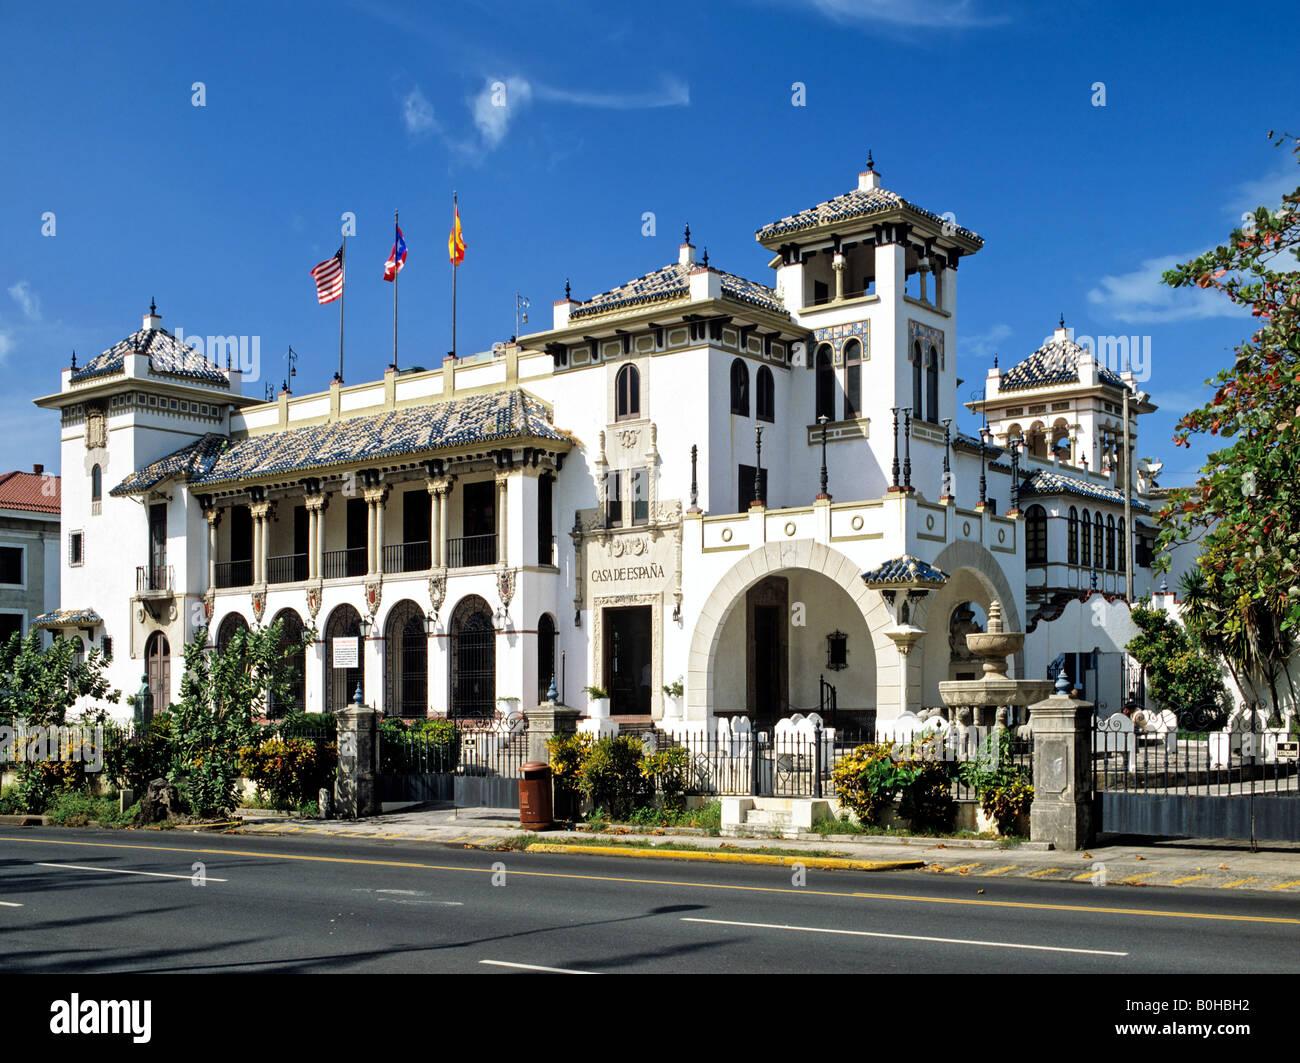 Casa de espana san jose puerto rico caribbean stock - Casas sostenibles espana ...